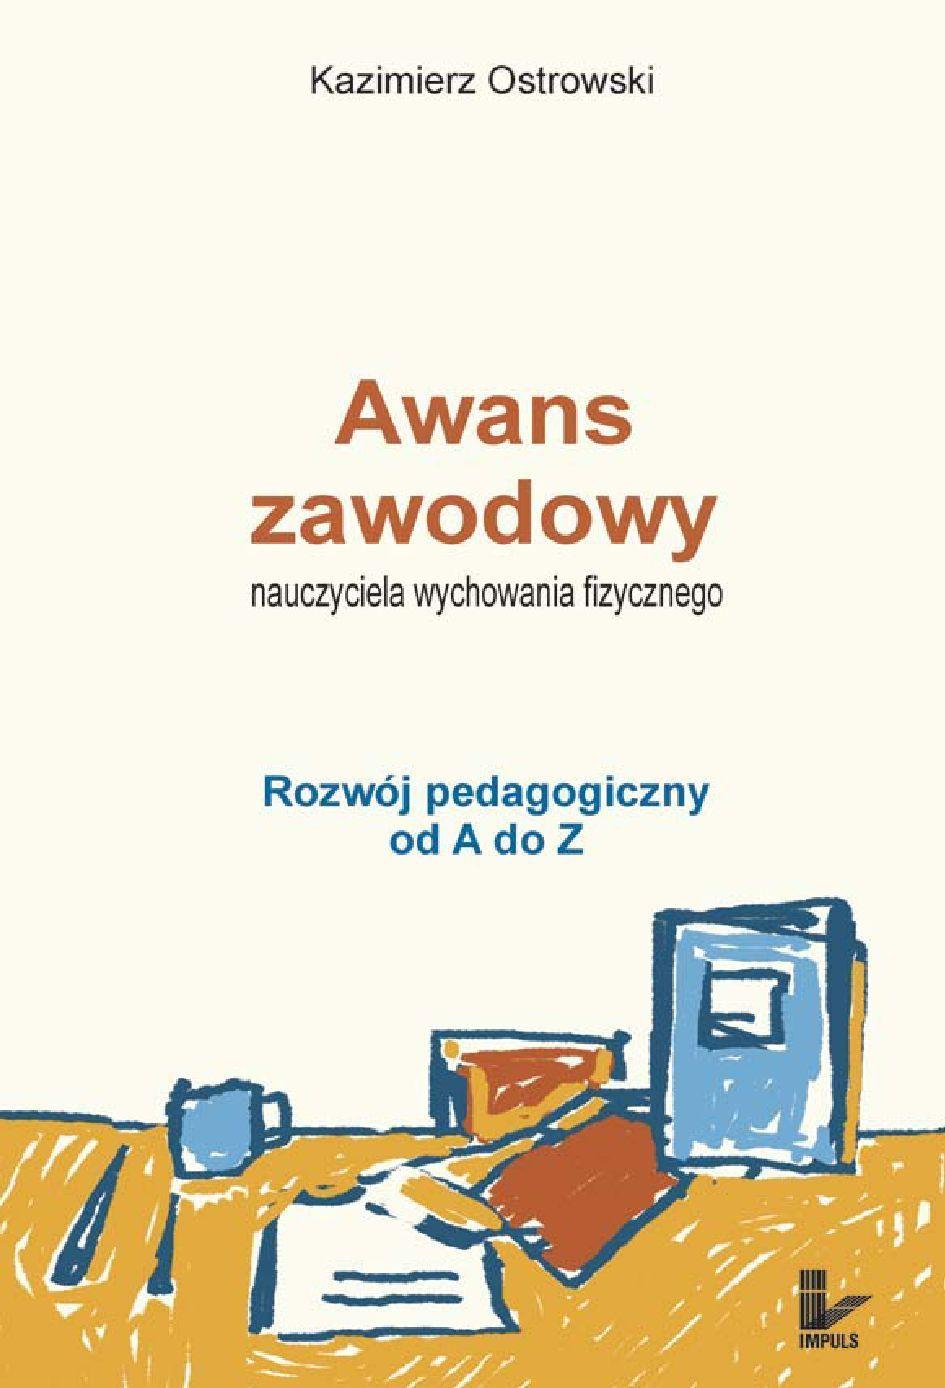 Awans zawodowy nauczyciela wychowania fizycznego. Rozwój pedagogiczny od A do Z - Ebook (Książka EPUB) do pobrania w formacie EPUB